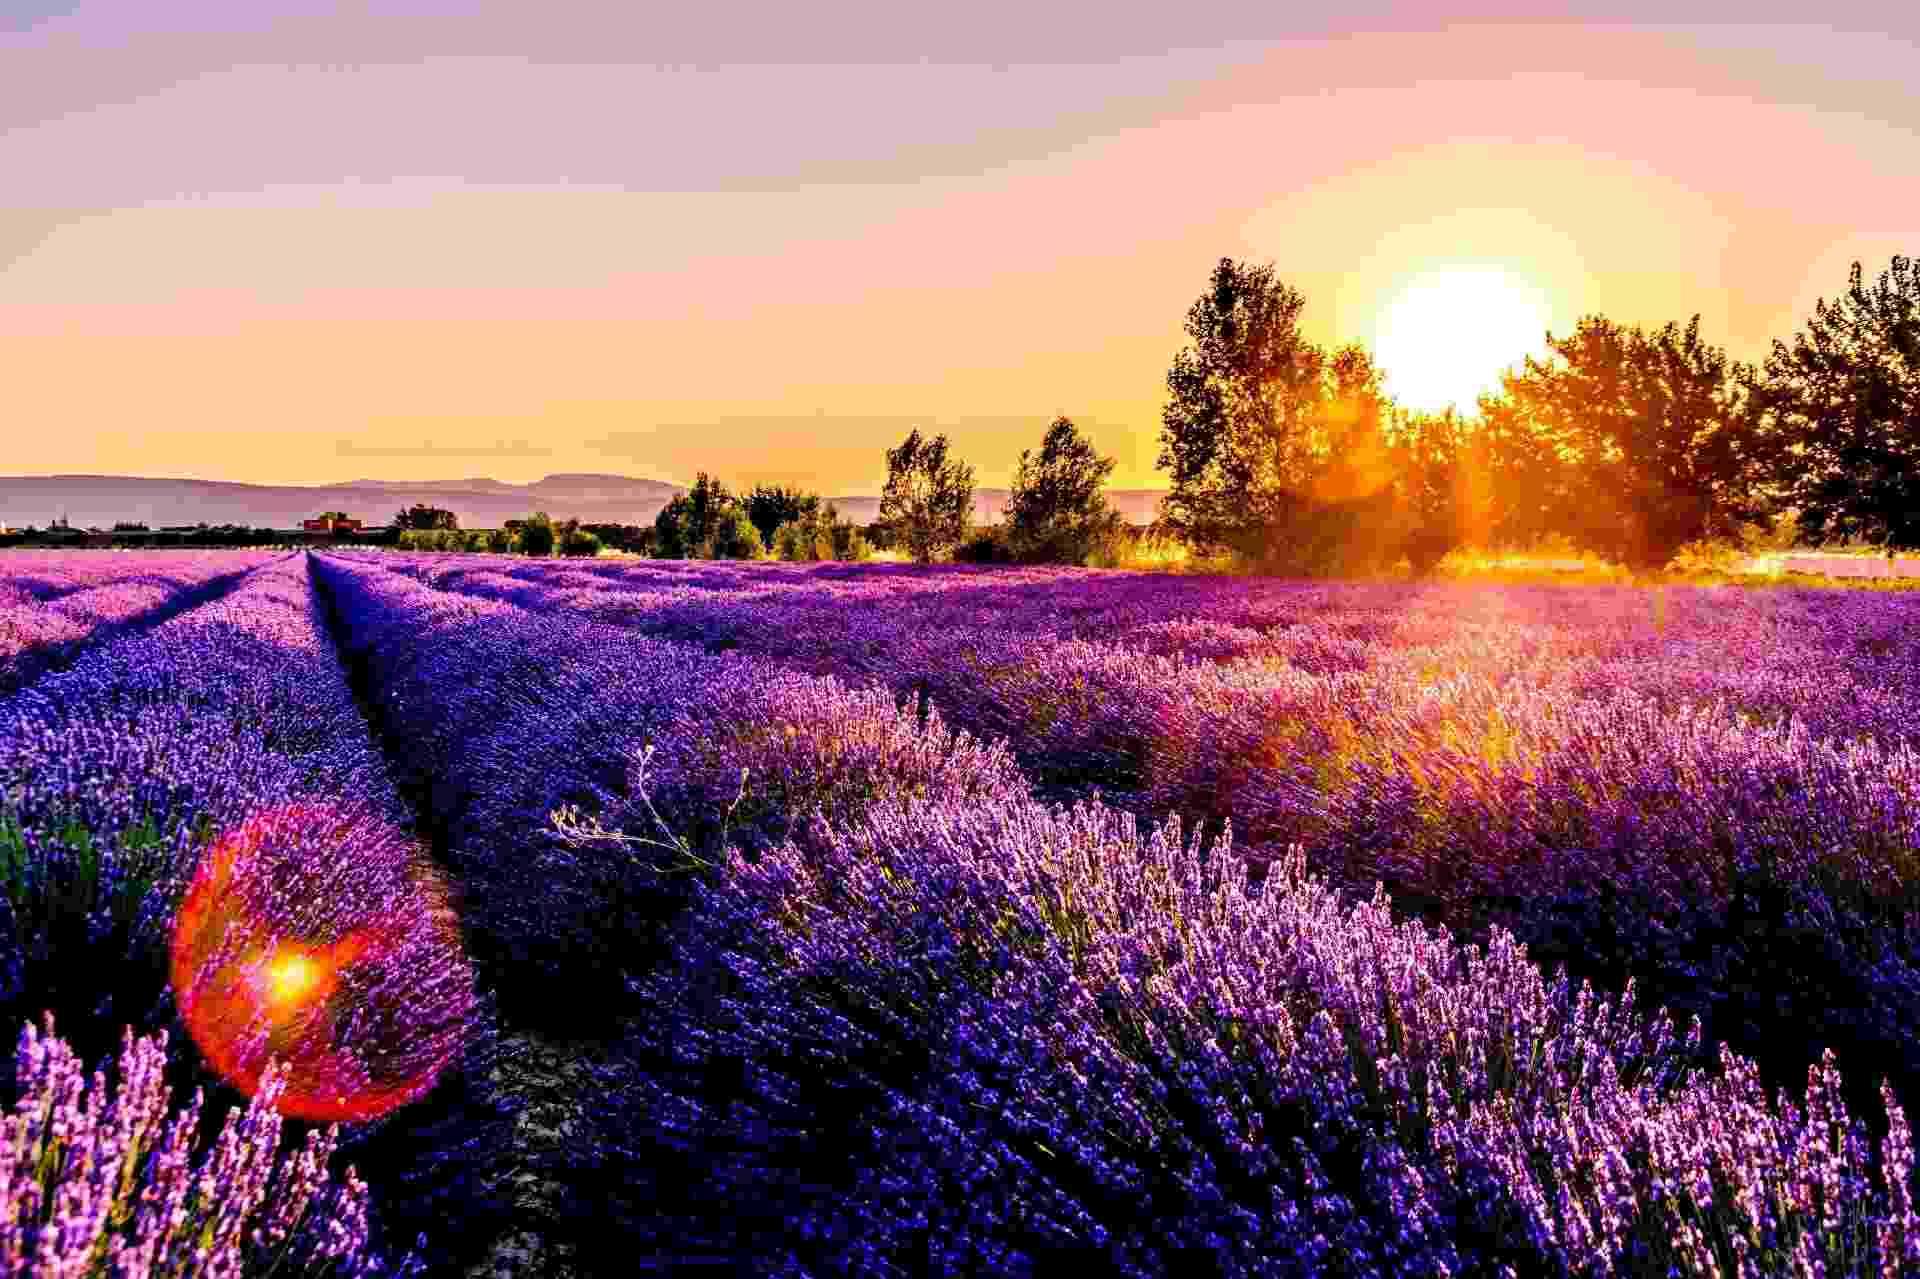 Destinos ultravioleta - Provença, França - Divulgação/Skyscanner